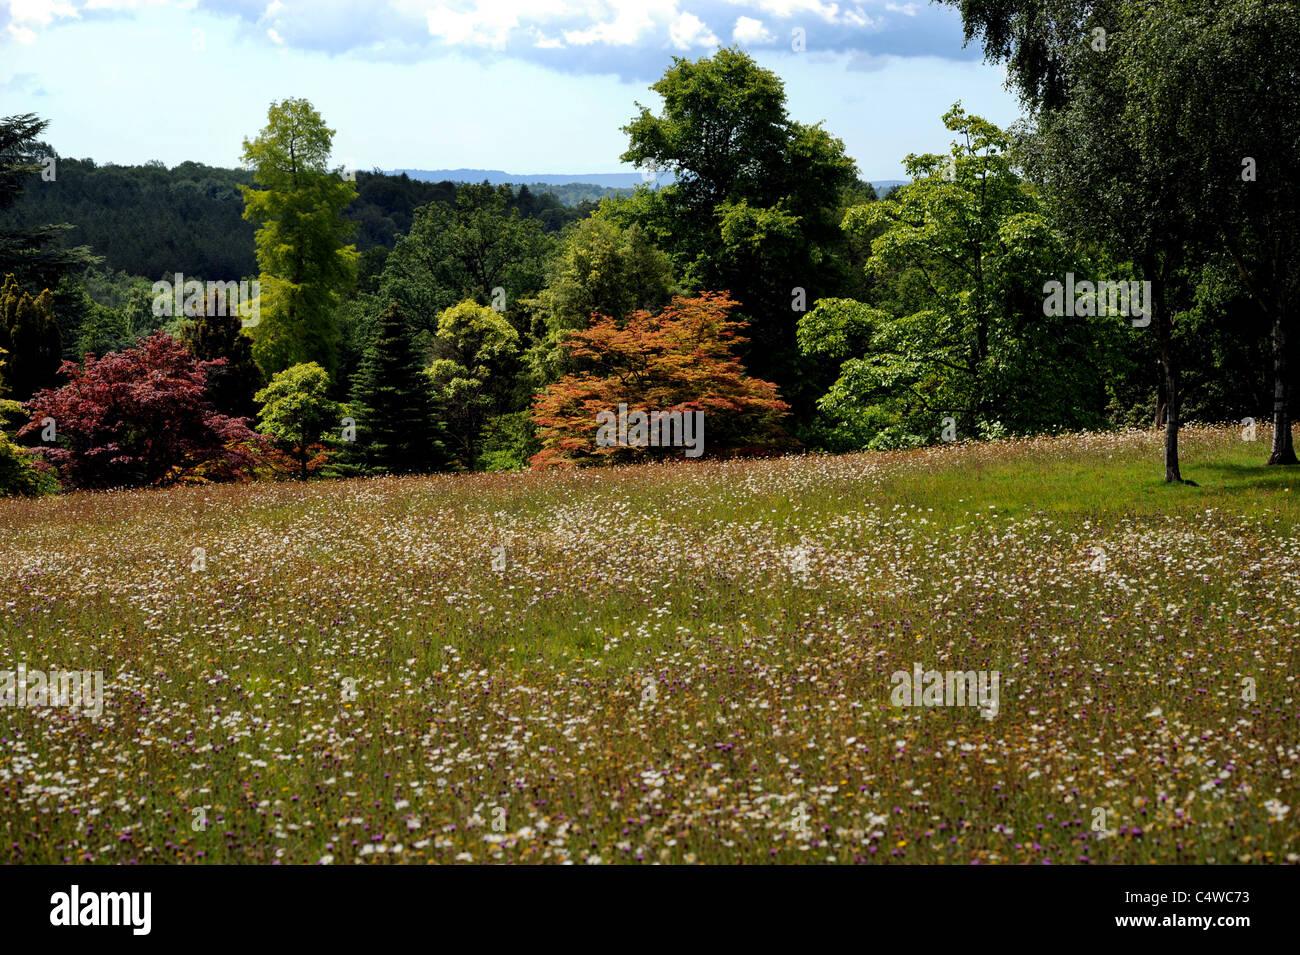 High Beeches Garden Stock Photos & High Beeches Garden Stock Images ...